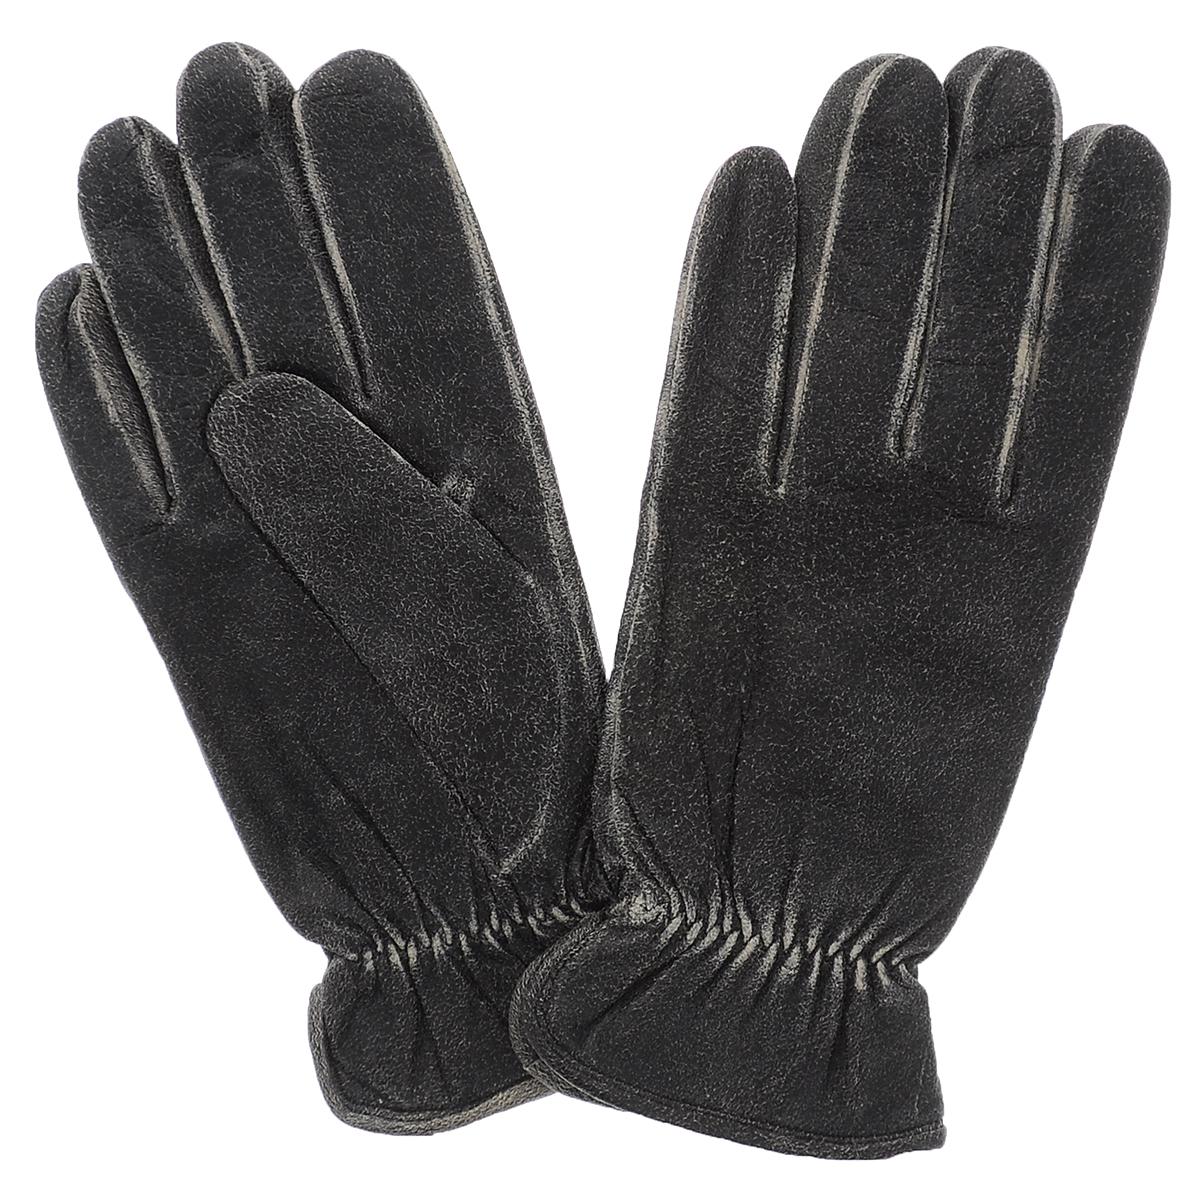 Перчатки мужские Dali Exclusive, цвет: темно-серый. WILD/MEL. Размер 8WILD/MELСтильные мужские перчатки Dali Exclusive не только защитят ваши руки, но и станут великолепным украшением. Перчатки выполнены из чрезвычайно мягкой и приятной на ощупь натуральной кожи ягненка, а их подкладка - из флиса. Манжеты собраны на резинку. Модель благодаря своему лаконичному исполнению прекрасно дополнит образ любого мужчины и сделает его более стильным, придав тонкую нотку брутальности. Создайте элегантный образ и подчеркните свою яркую индивидуальность новым аксессуаром!